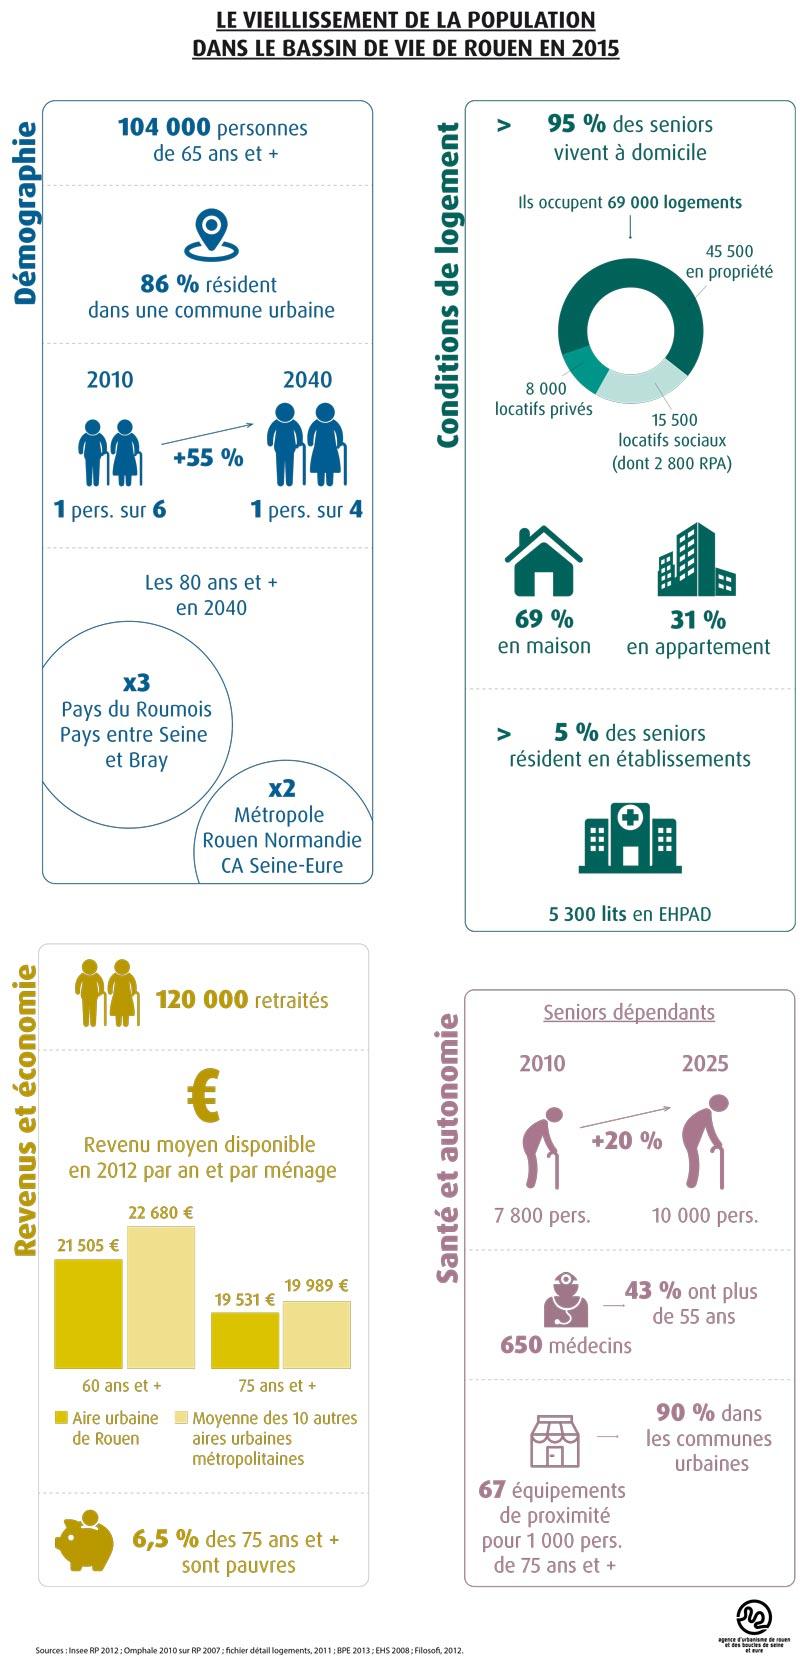 Le vieillissement de la population dans le bassin de vie de rouen en 2015. AURBSE, 2015